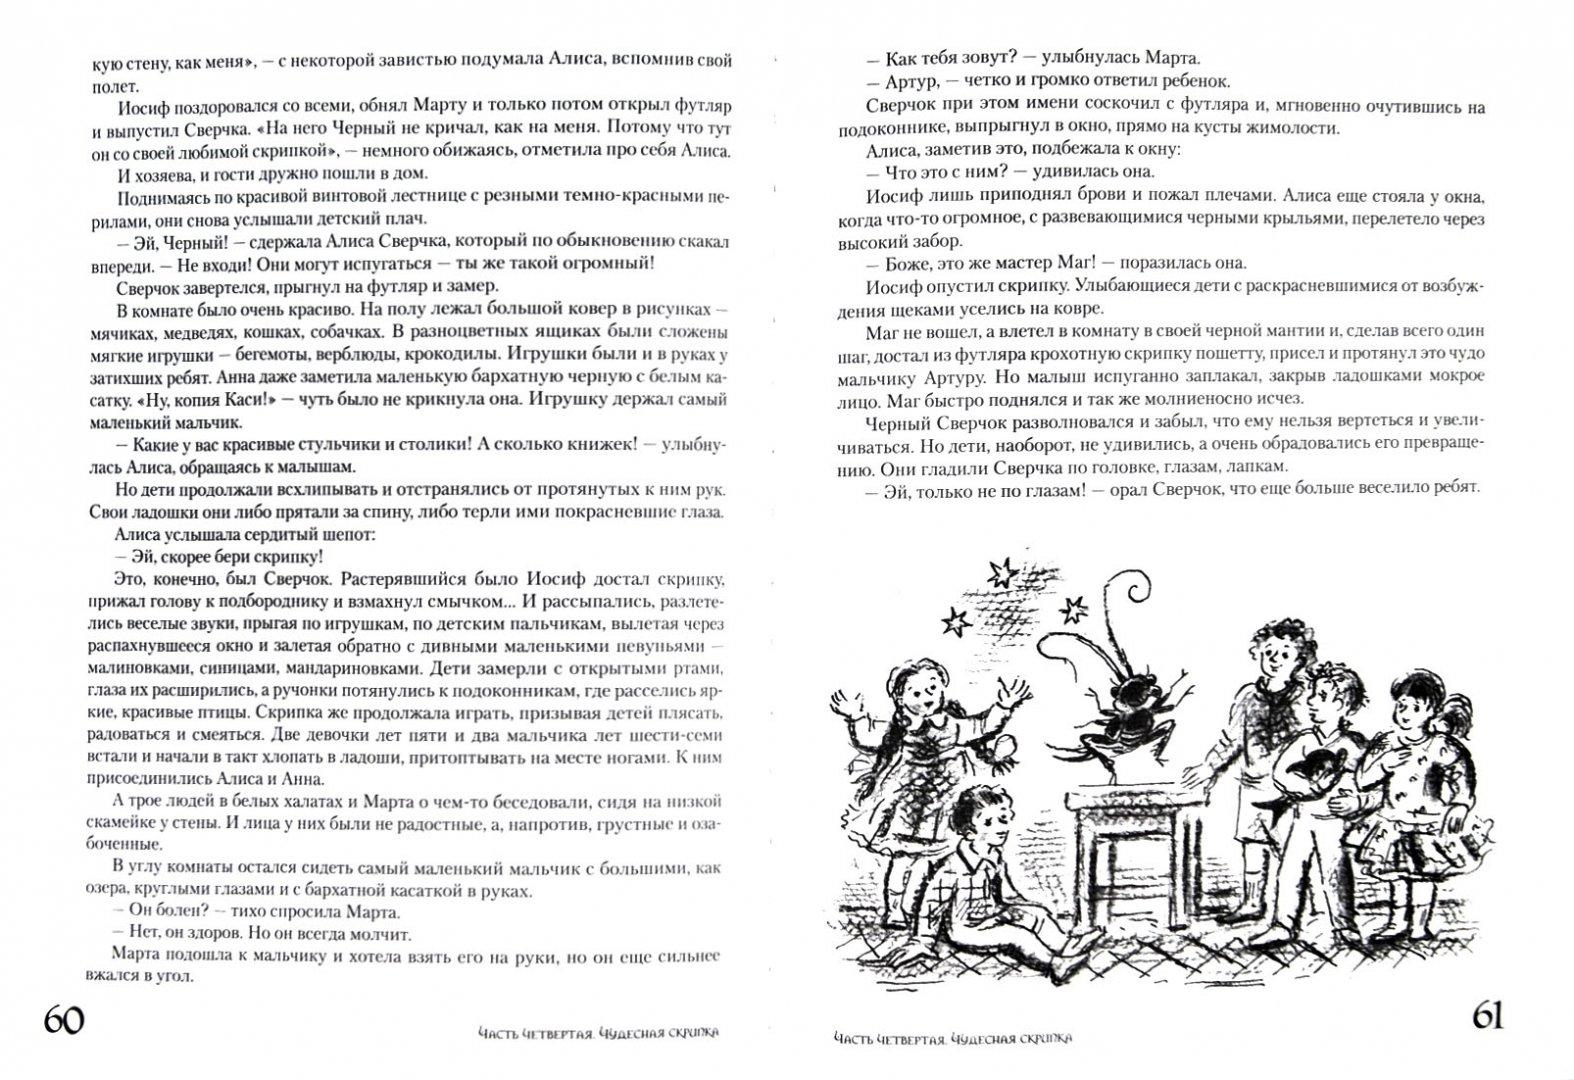 Иллюстрация 1 из 6 для Волшебная скрипка Мастера. Сказка в 3-х книгах и 7-ми частях. Книга 2. Город под вулканом - Ника Андерс   Лабиринт - книги. Источник: Лабиринт